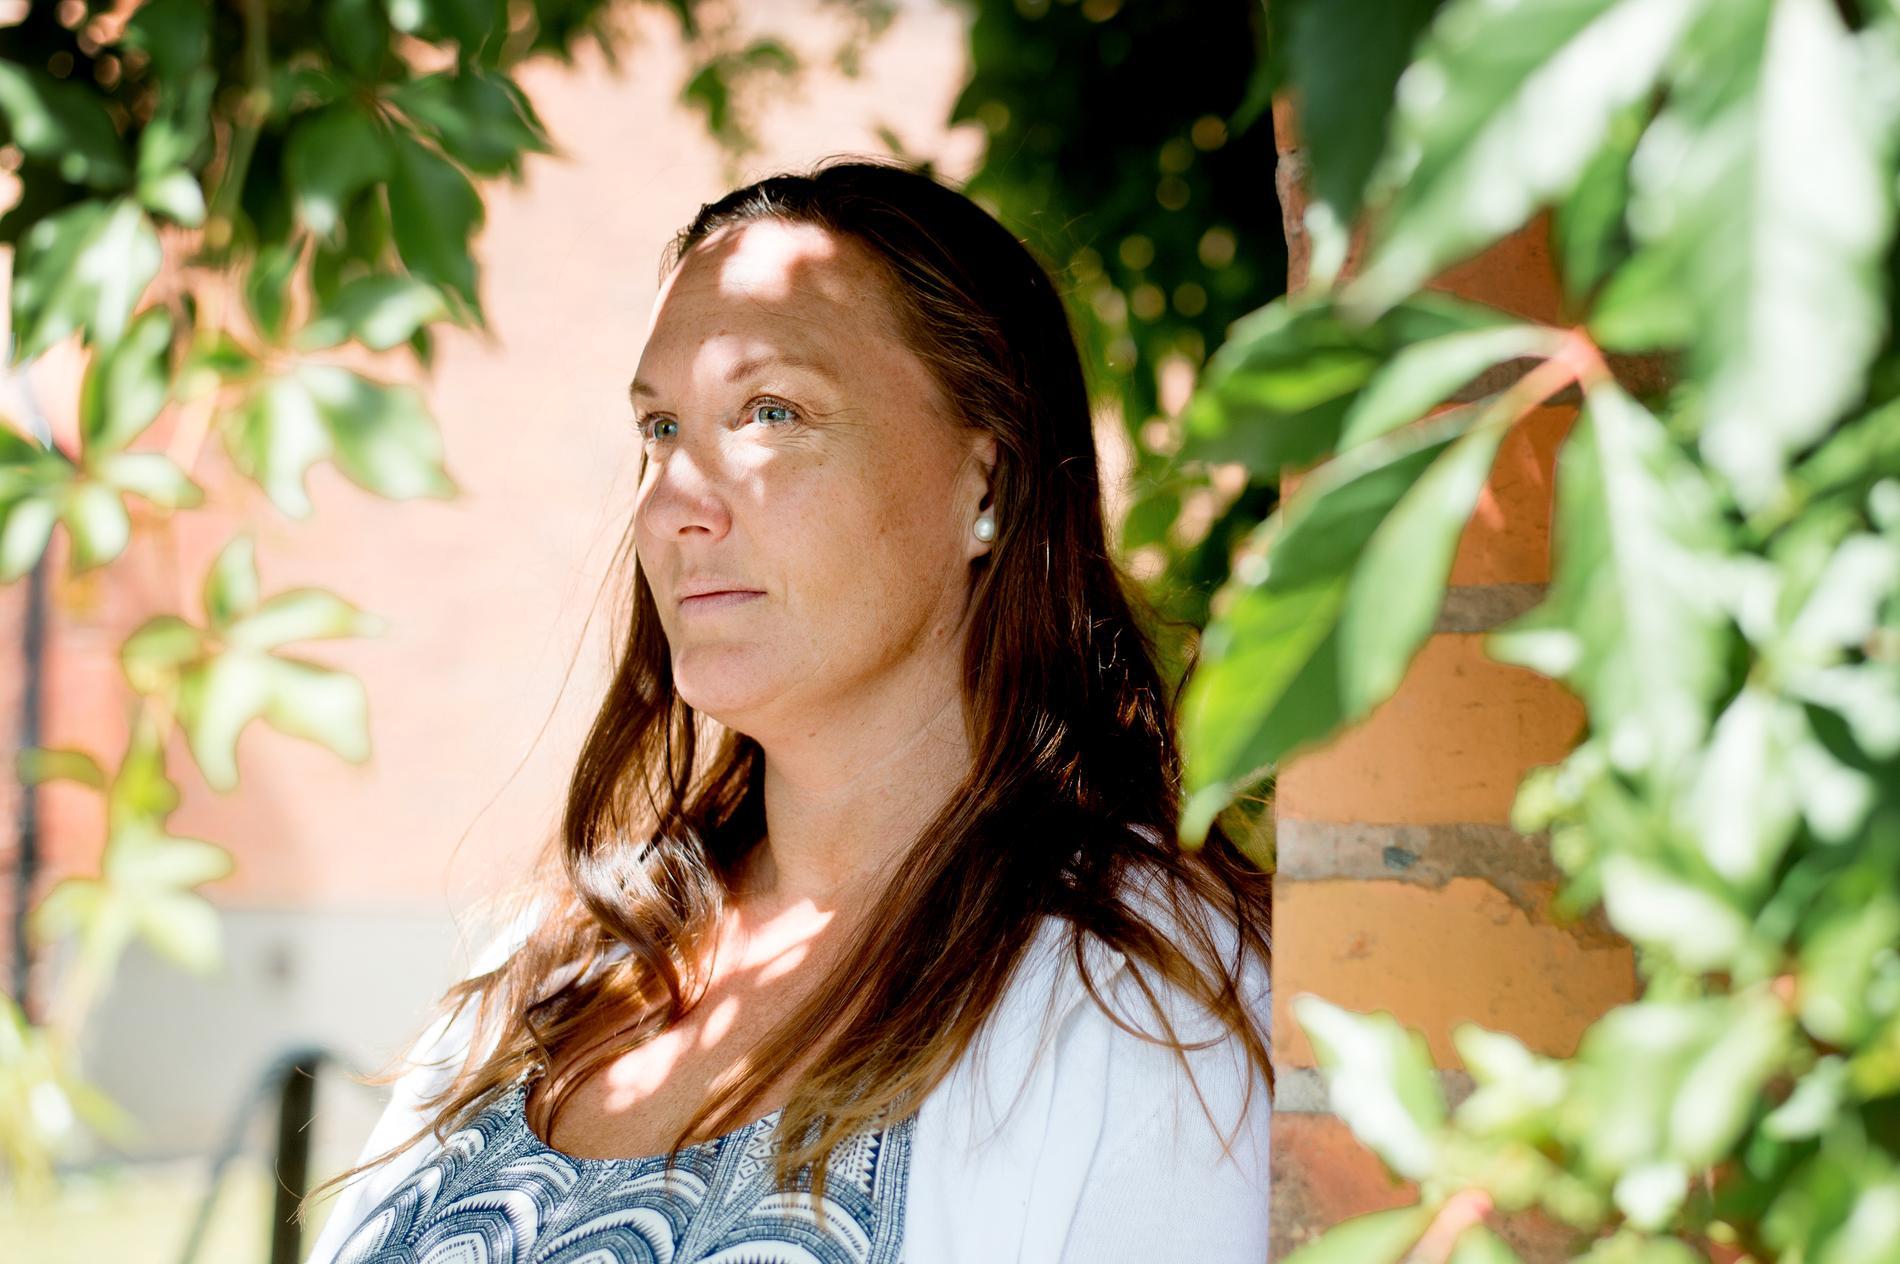 Det tog år att komma över det sexuella våldet, men i dag mår Paulina Bengtsson bra och hjälper andra.